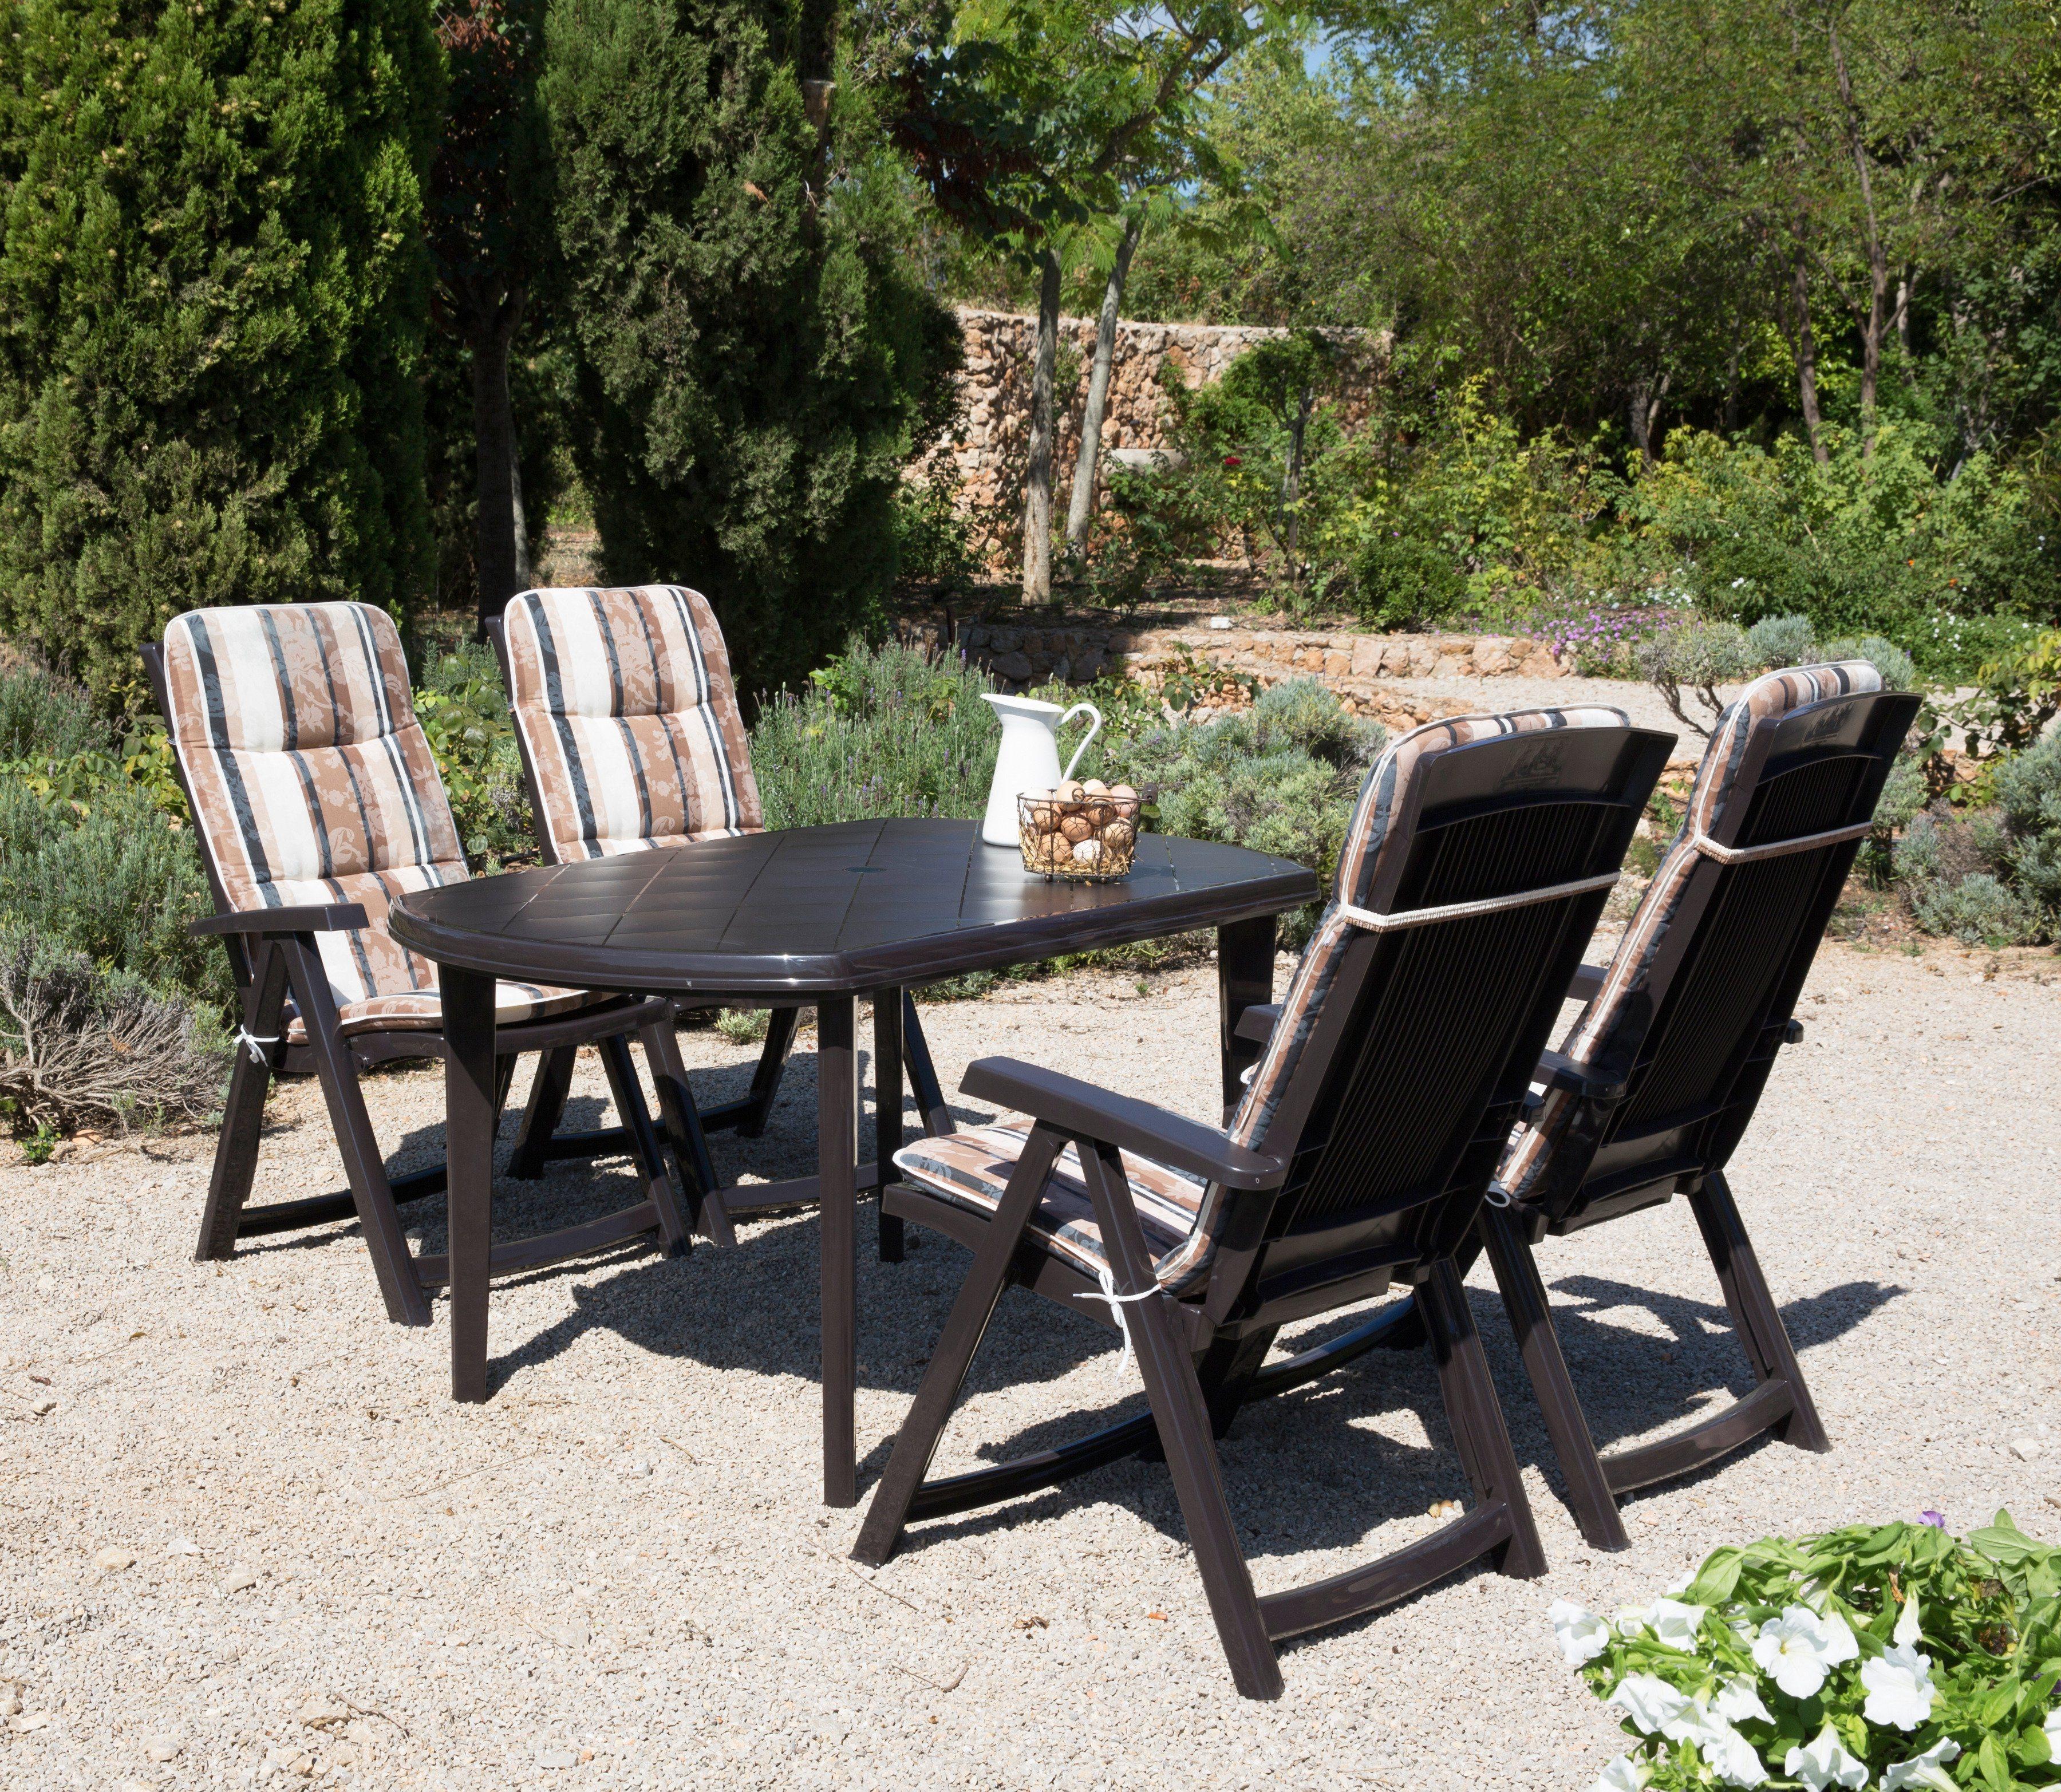 Gartenmöbel-Set online kaufen   Möbel-Suchmaschine   ladendirekt.de